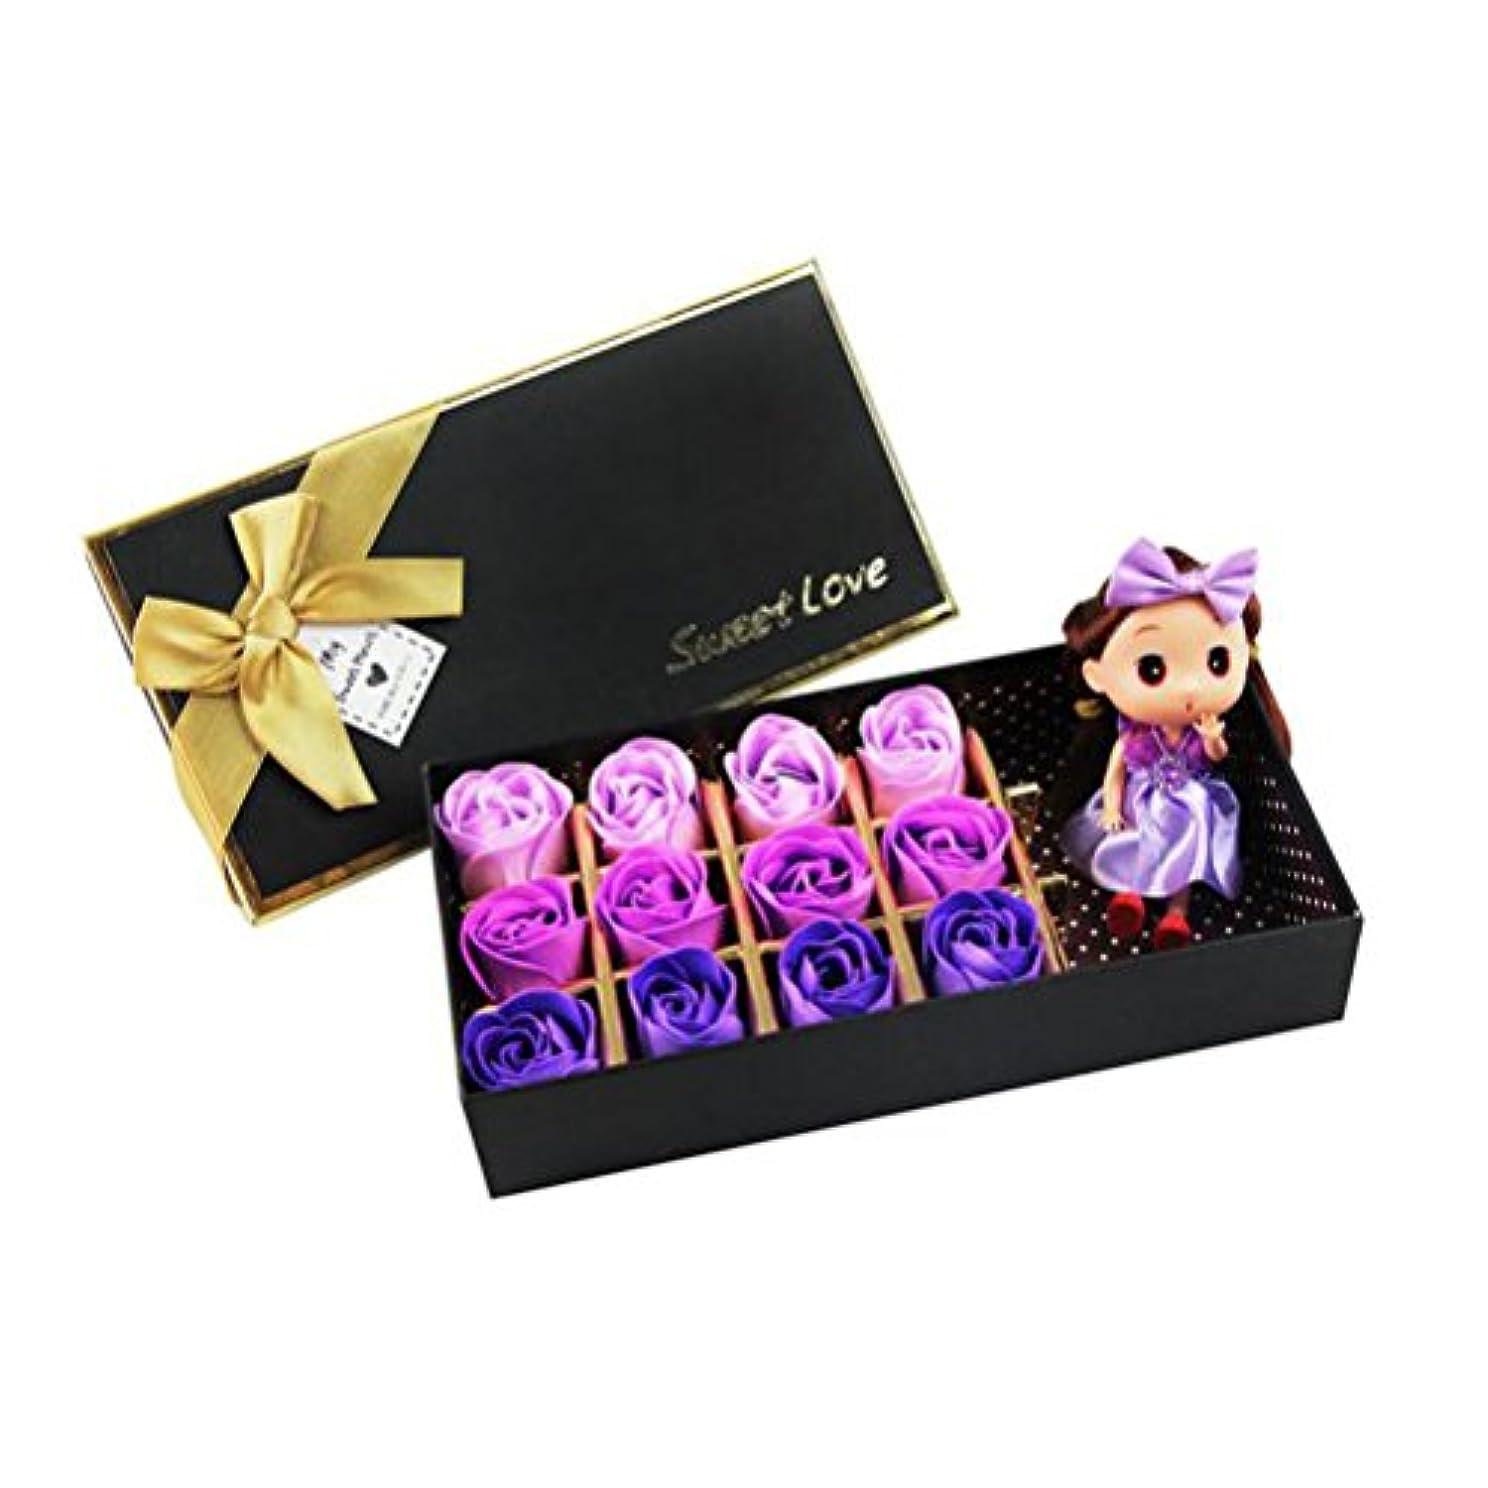 アレンジシャツ方向ROSENICE 香り バラ 花 お風呂 石鹸 ギフトボックス (紫)